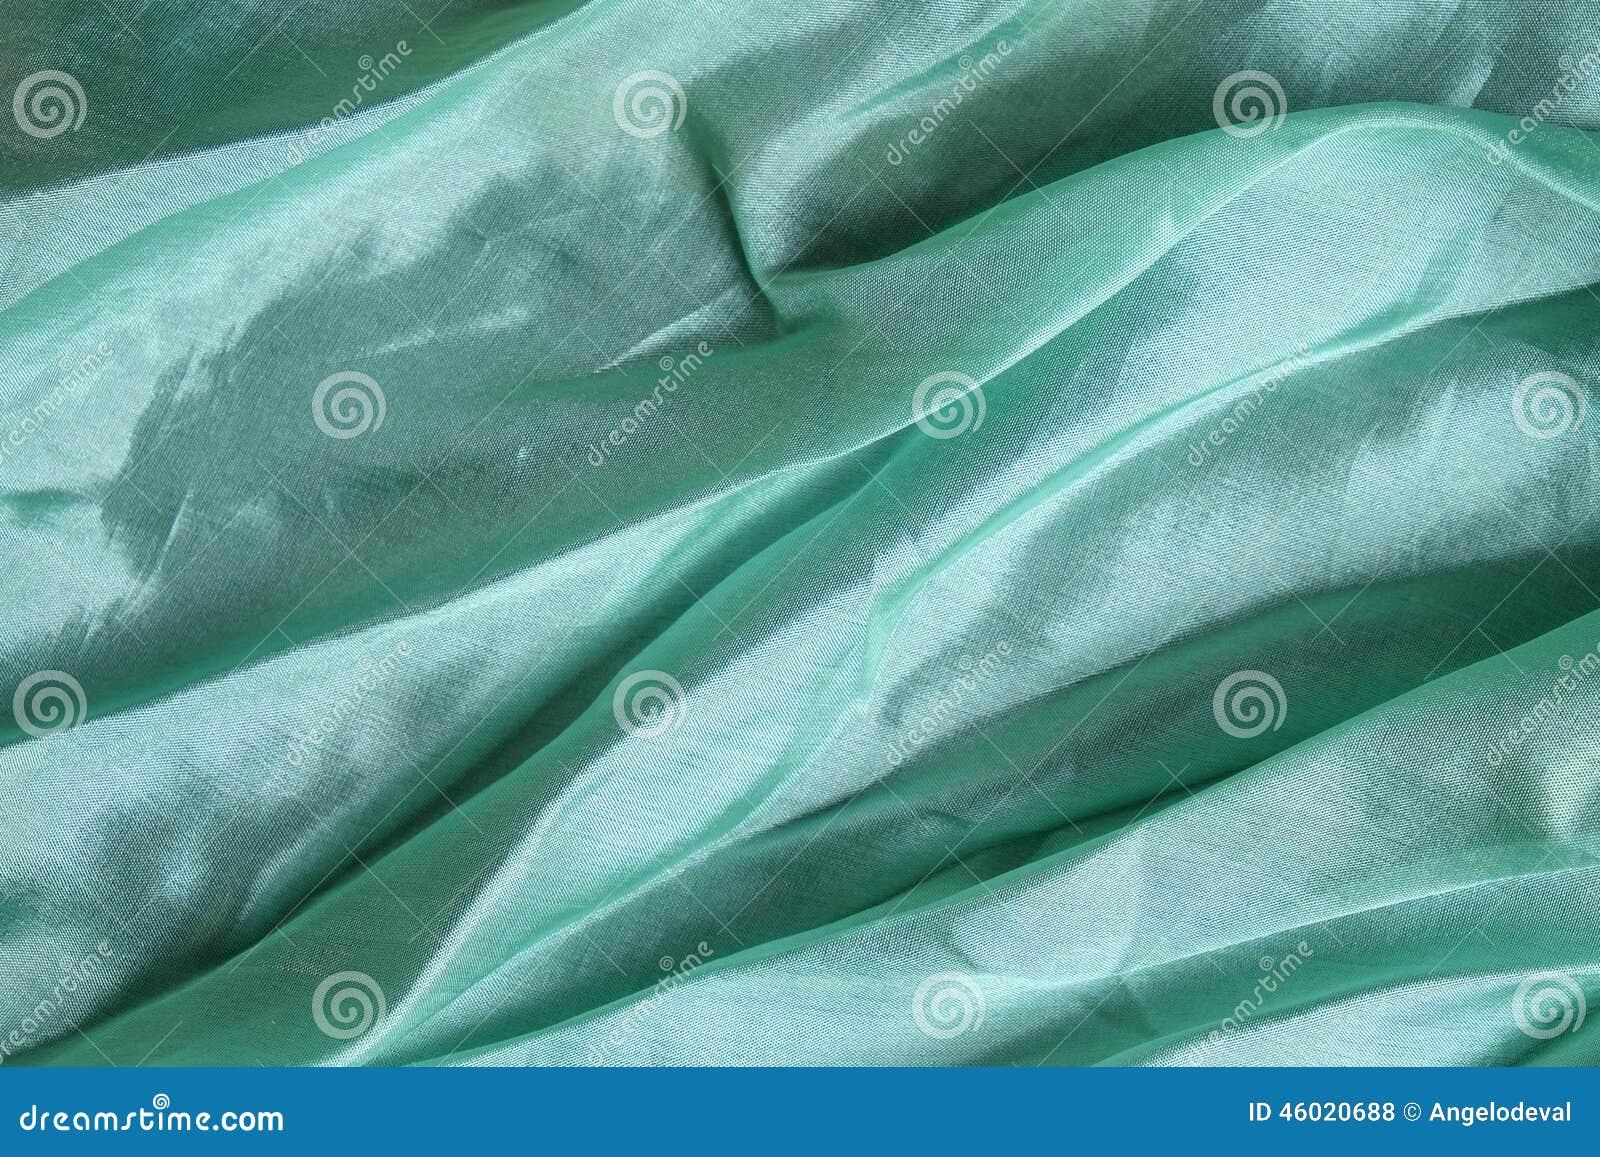 Błyszczącego aqua błękitna jedwabnicza chusteczka